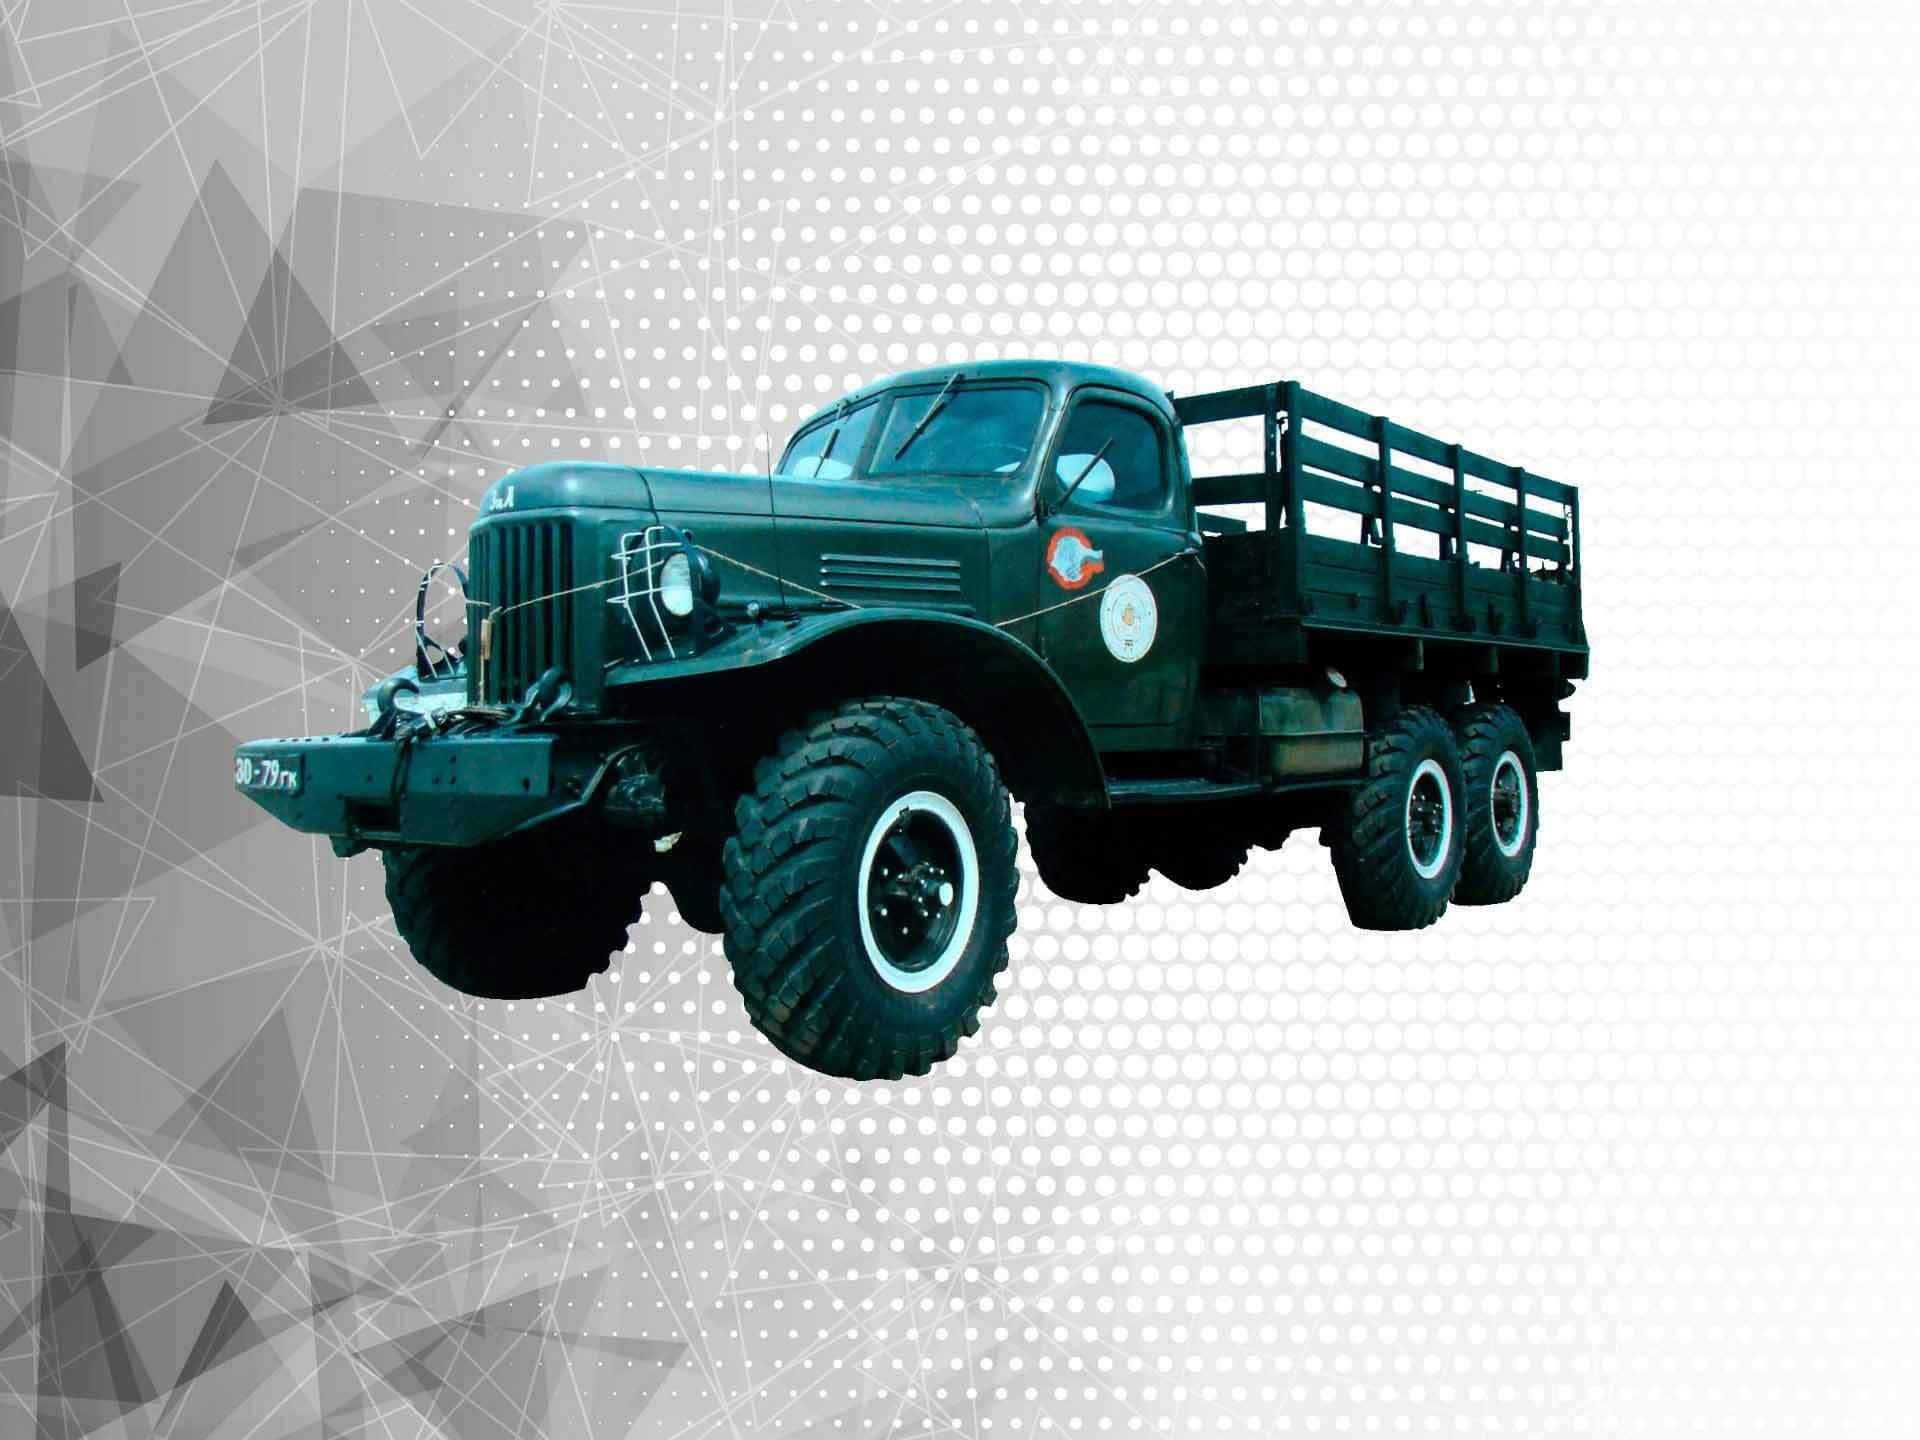 Военные модификации ЗИЛ-157 - Kolesa.ru - автомобильный журнал